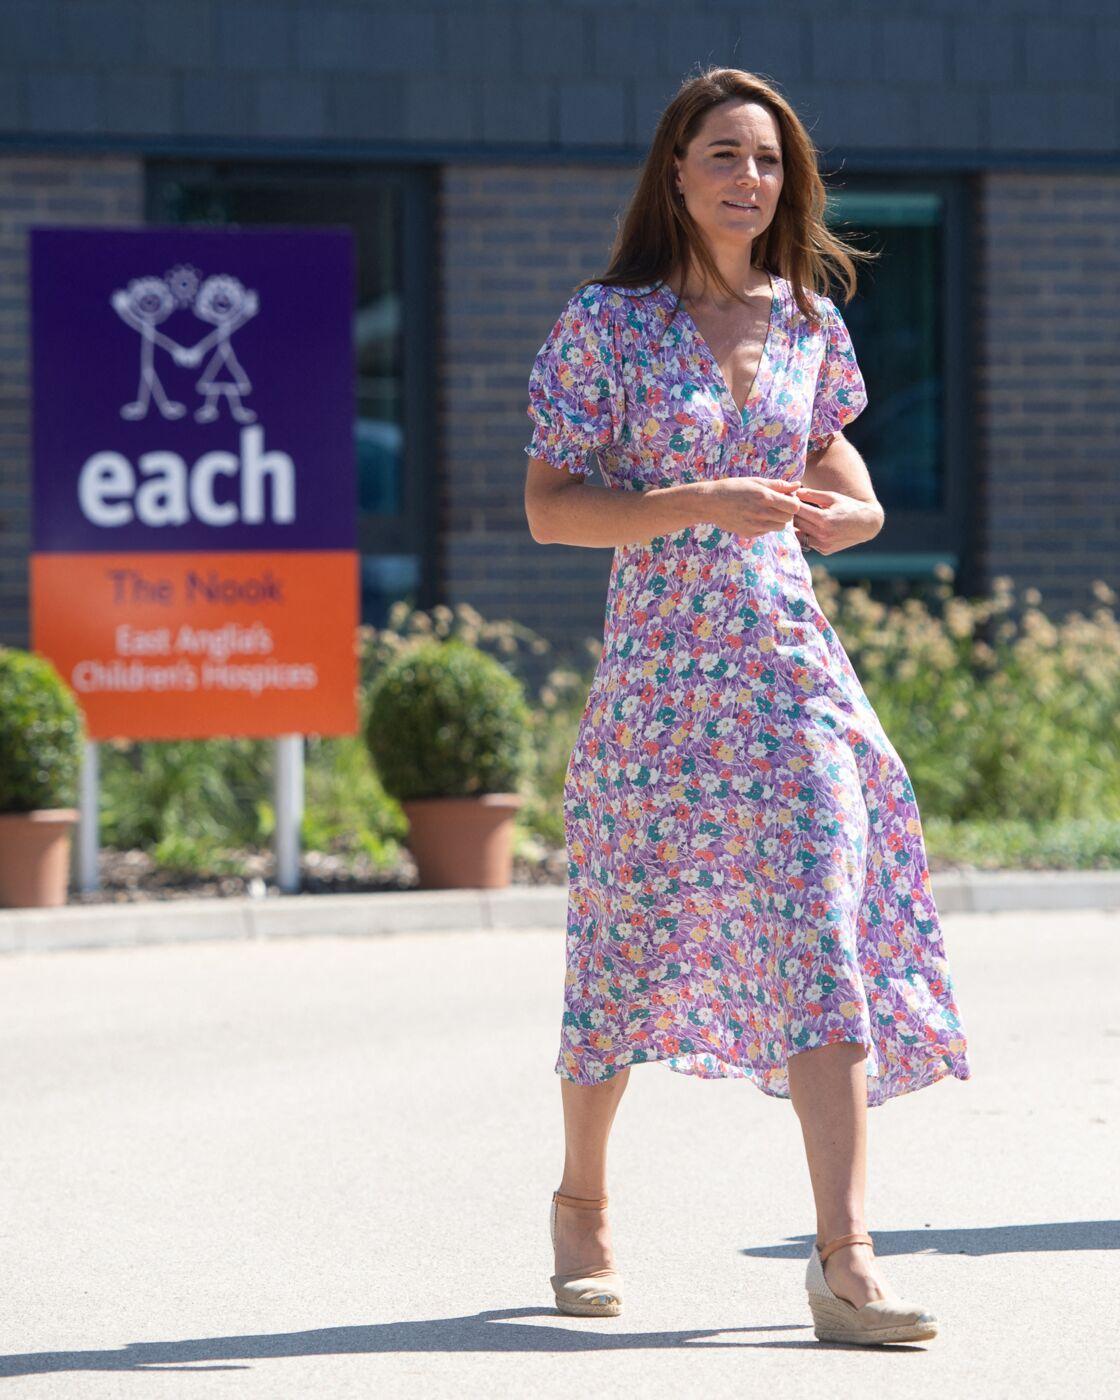 Kate Middleton en robe à fleurs allant visiter un hôpital pour enfants, le 27 juin 2020